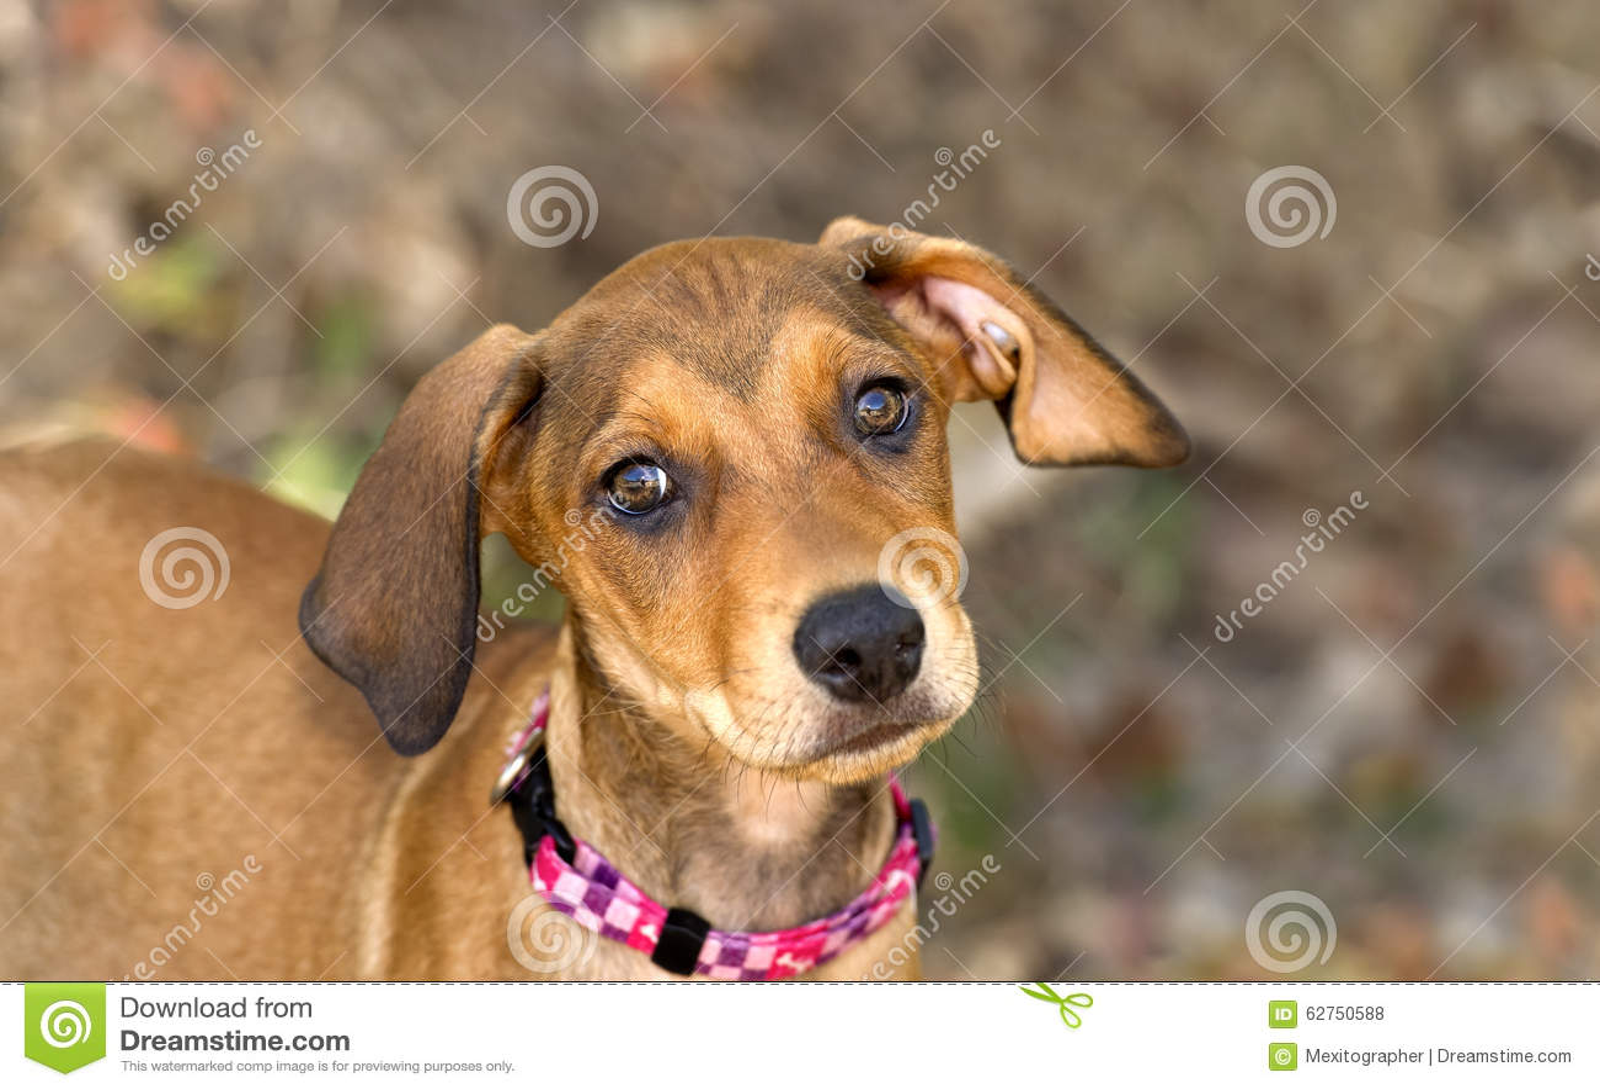 Cute Dog With Big Eyes